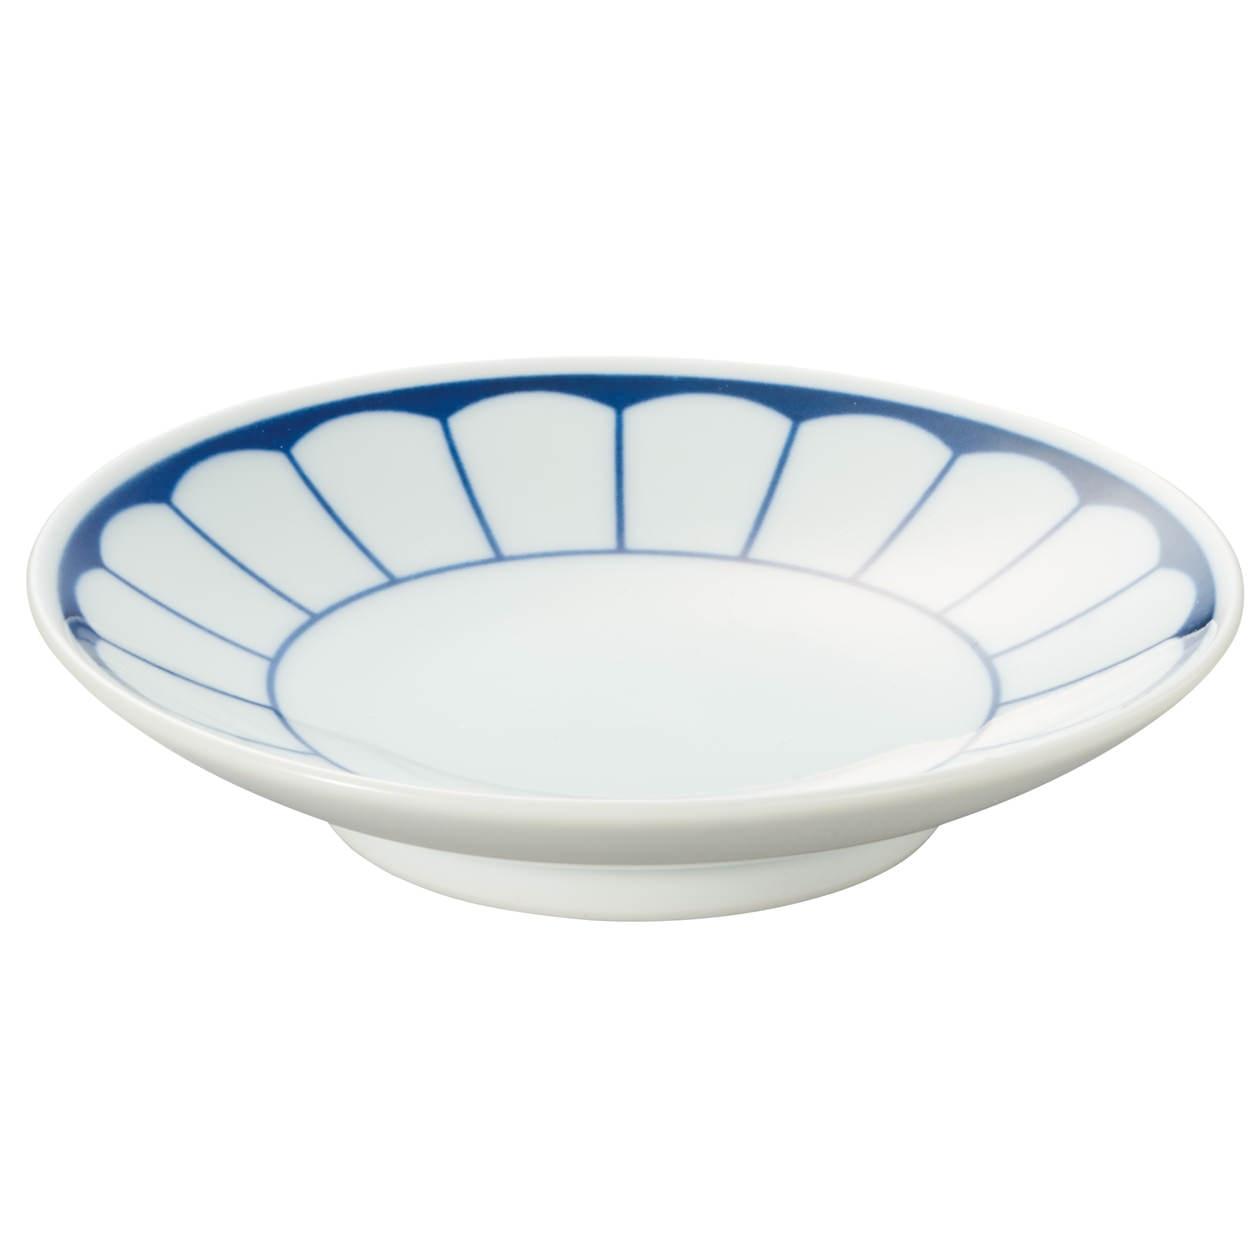 波佐見焼 豆皿 菊割柄の写真